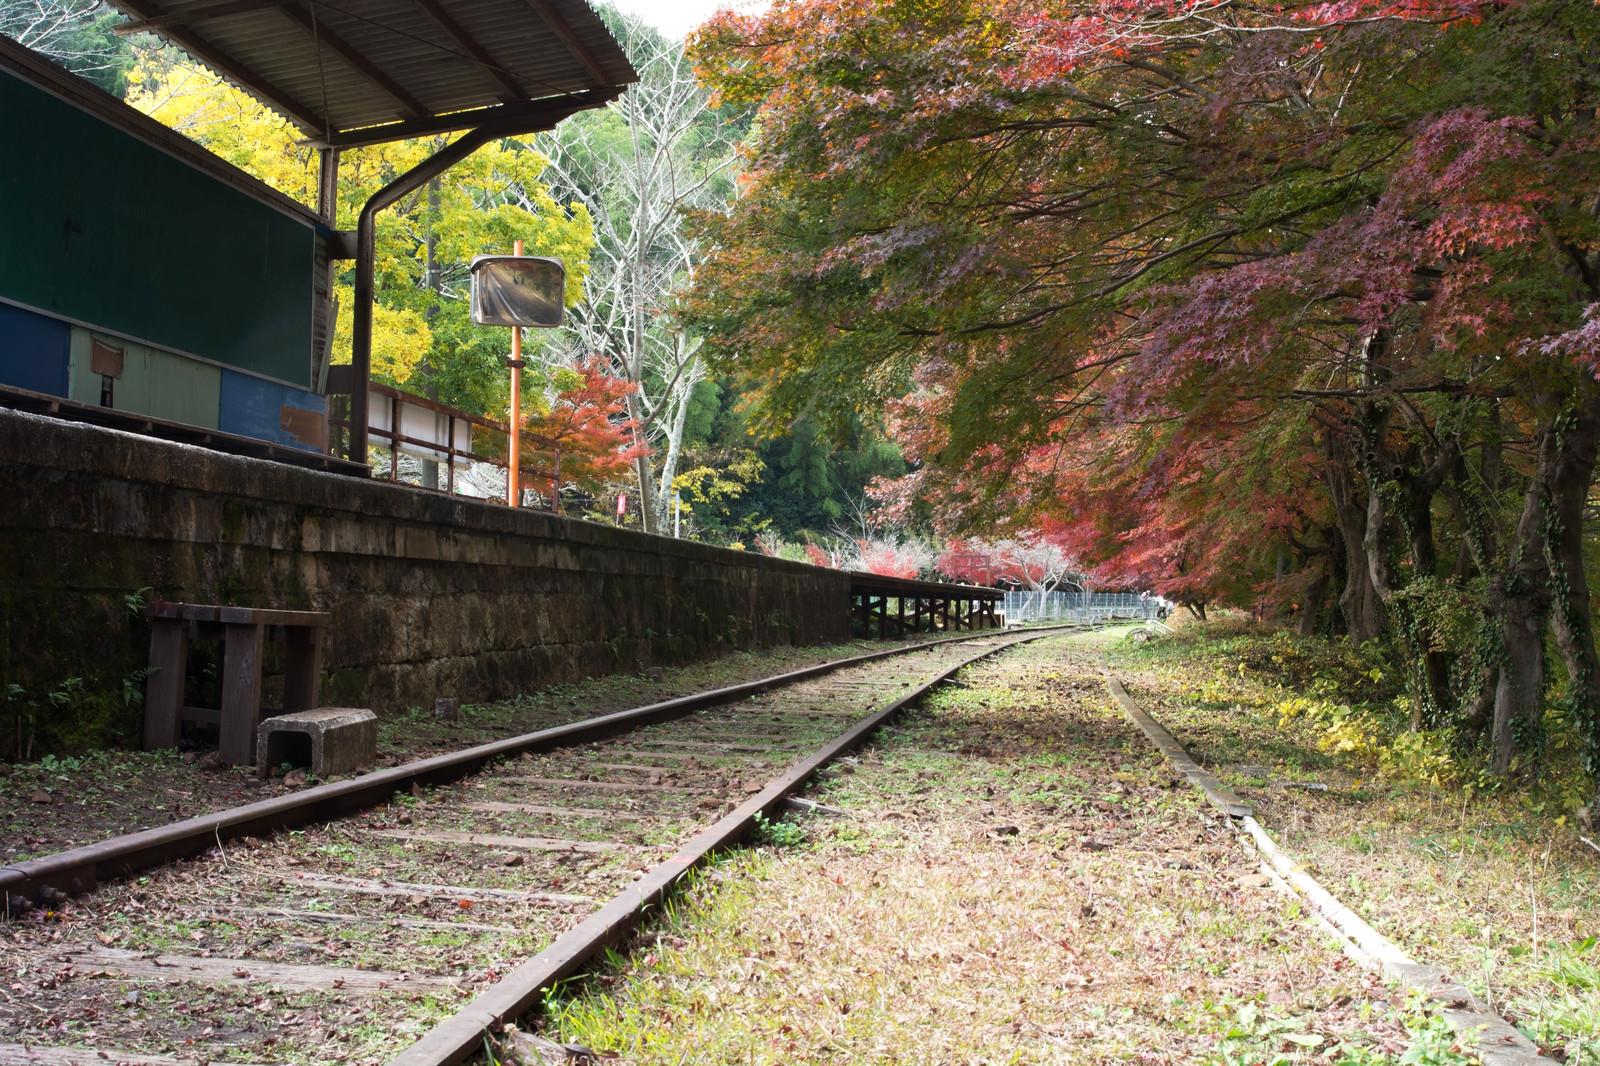 「使われなくなった無人の廃駅」の写真